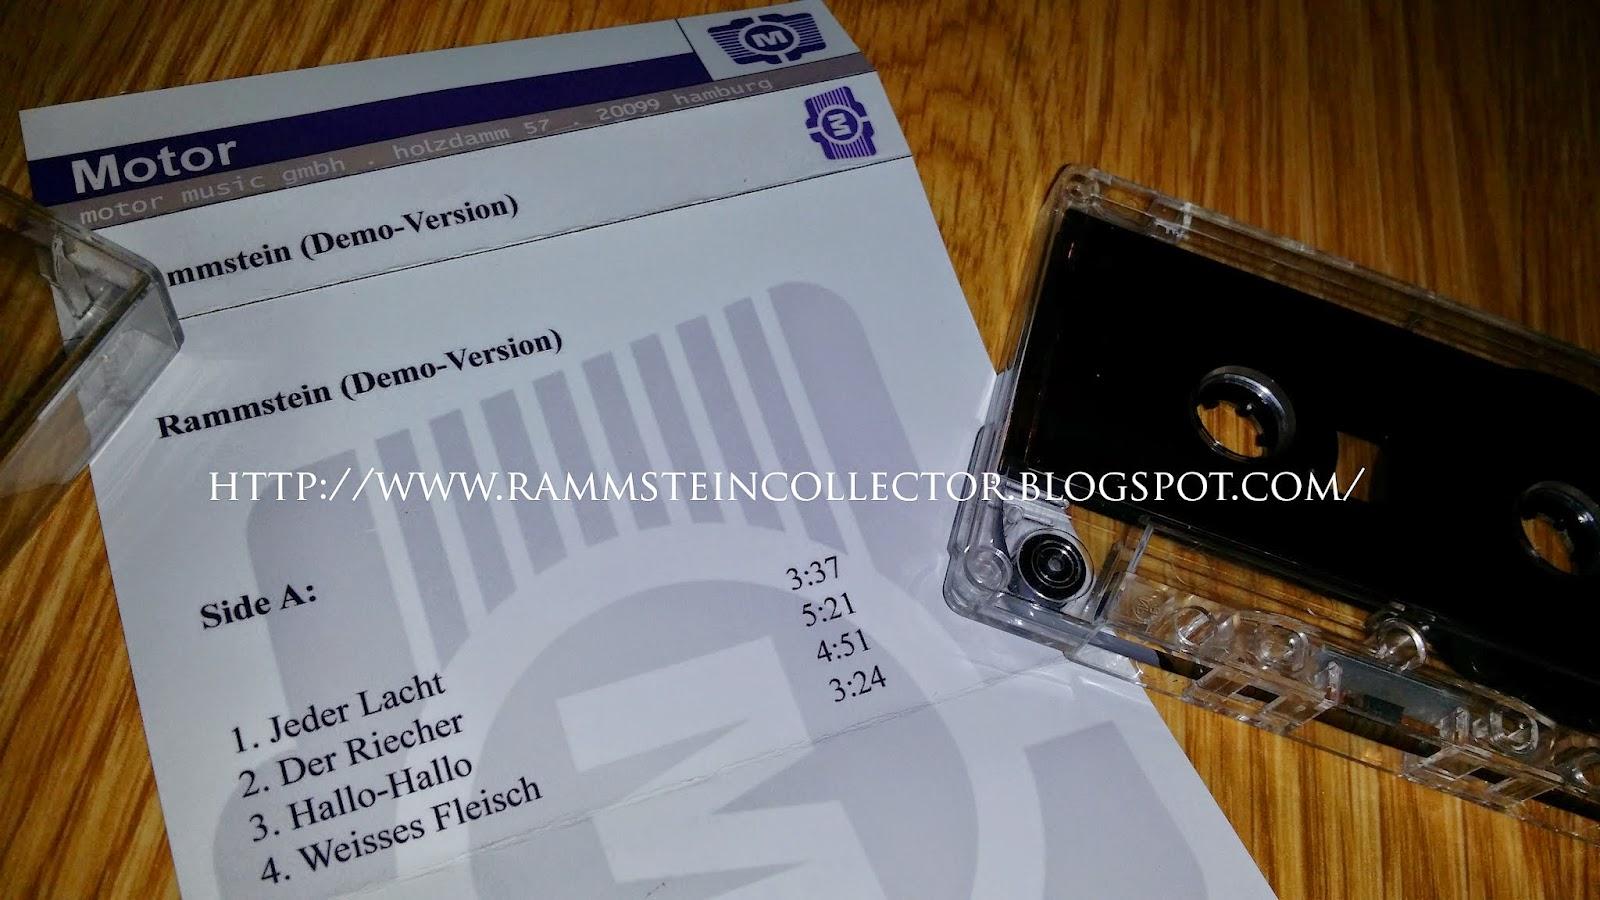 Rammstein - Die Schwarze Tanzen (Remix Album)